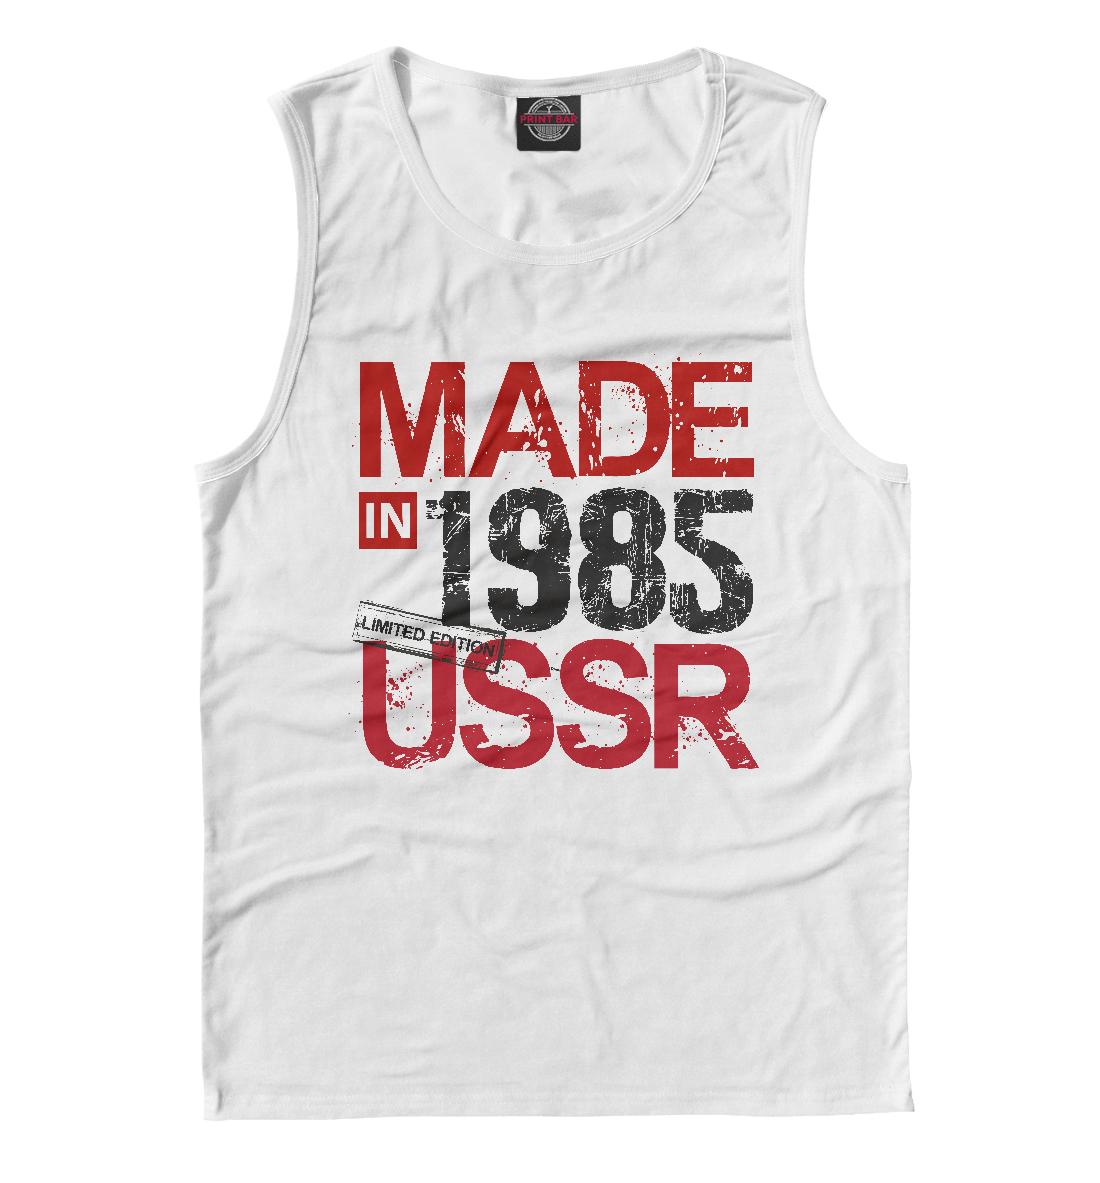 Купить 1985 год рождения, Printbar, Майки, DVP-589294-may-2